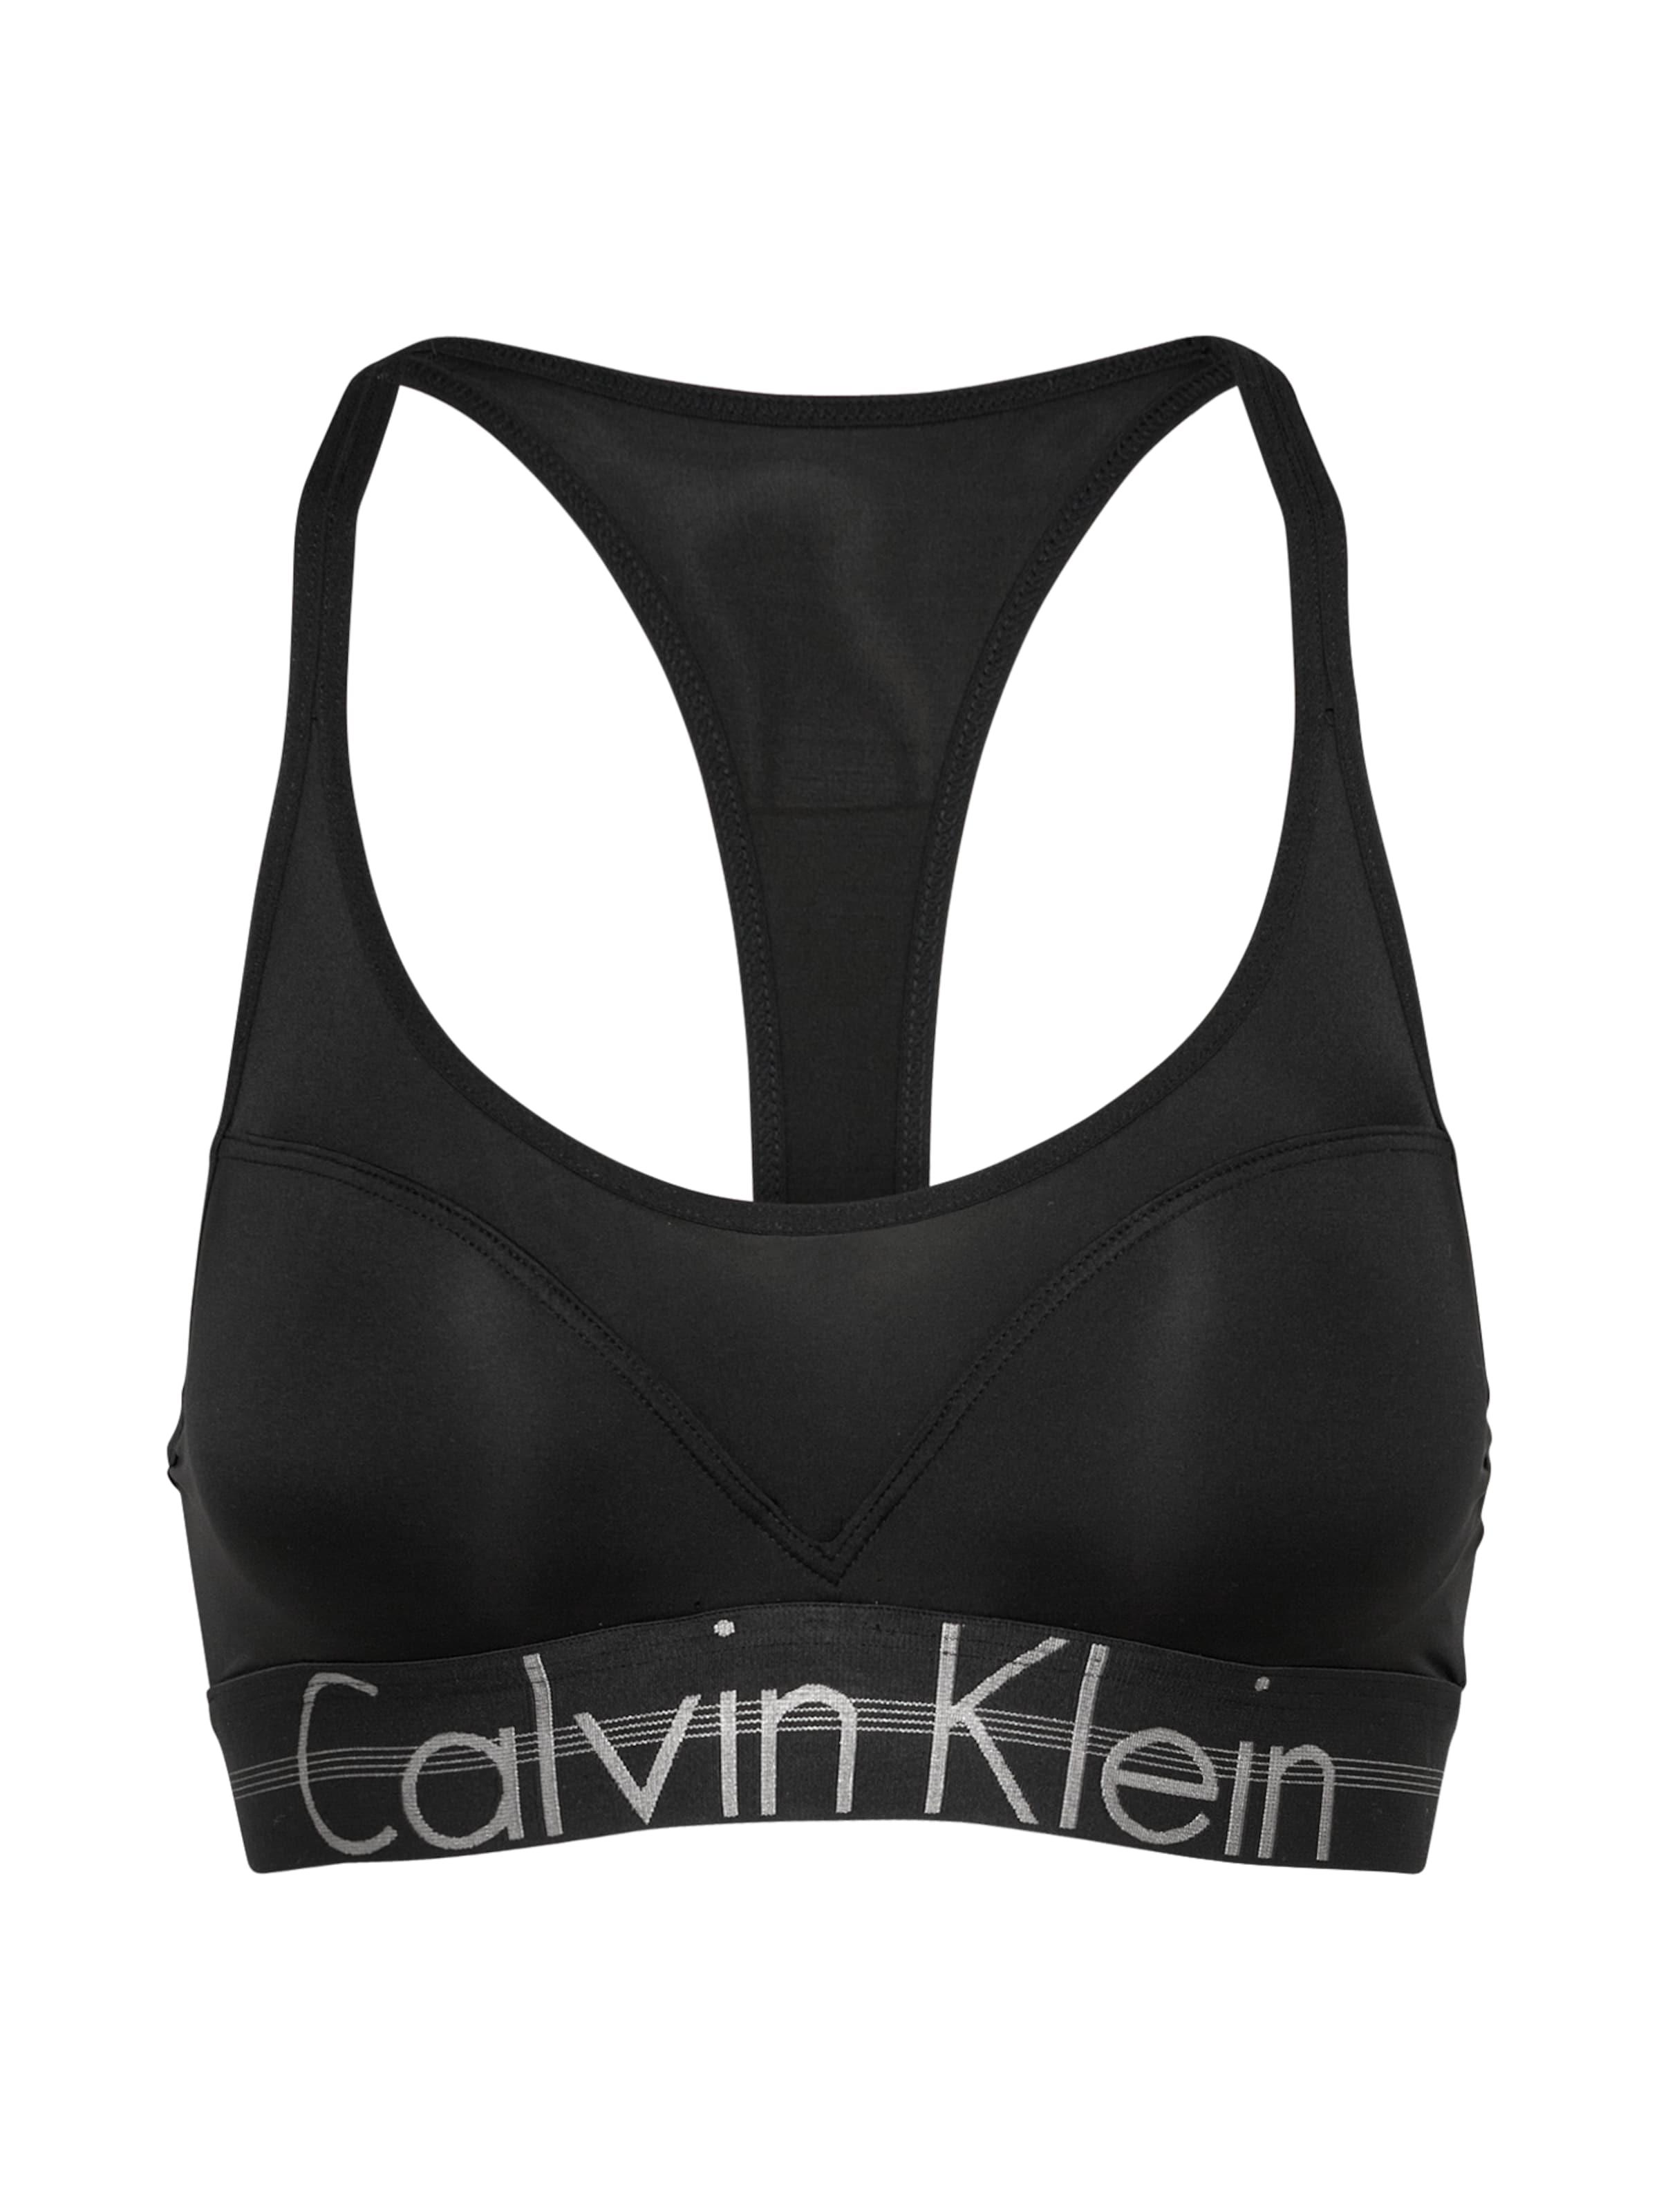 Calvin Klein underwear PUSH UP BRALETTE Brandneues Unisex Günstiger Preis RvwvO87